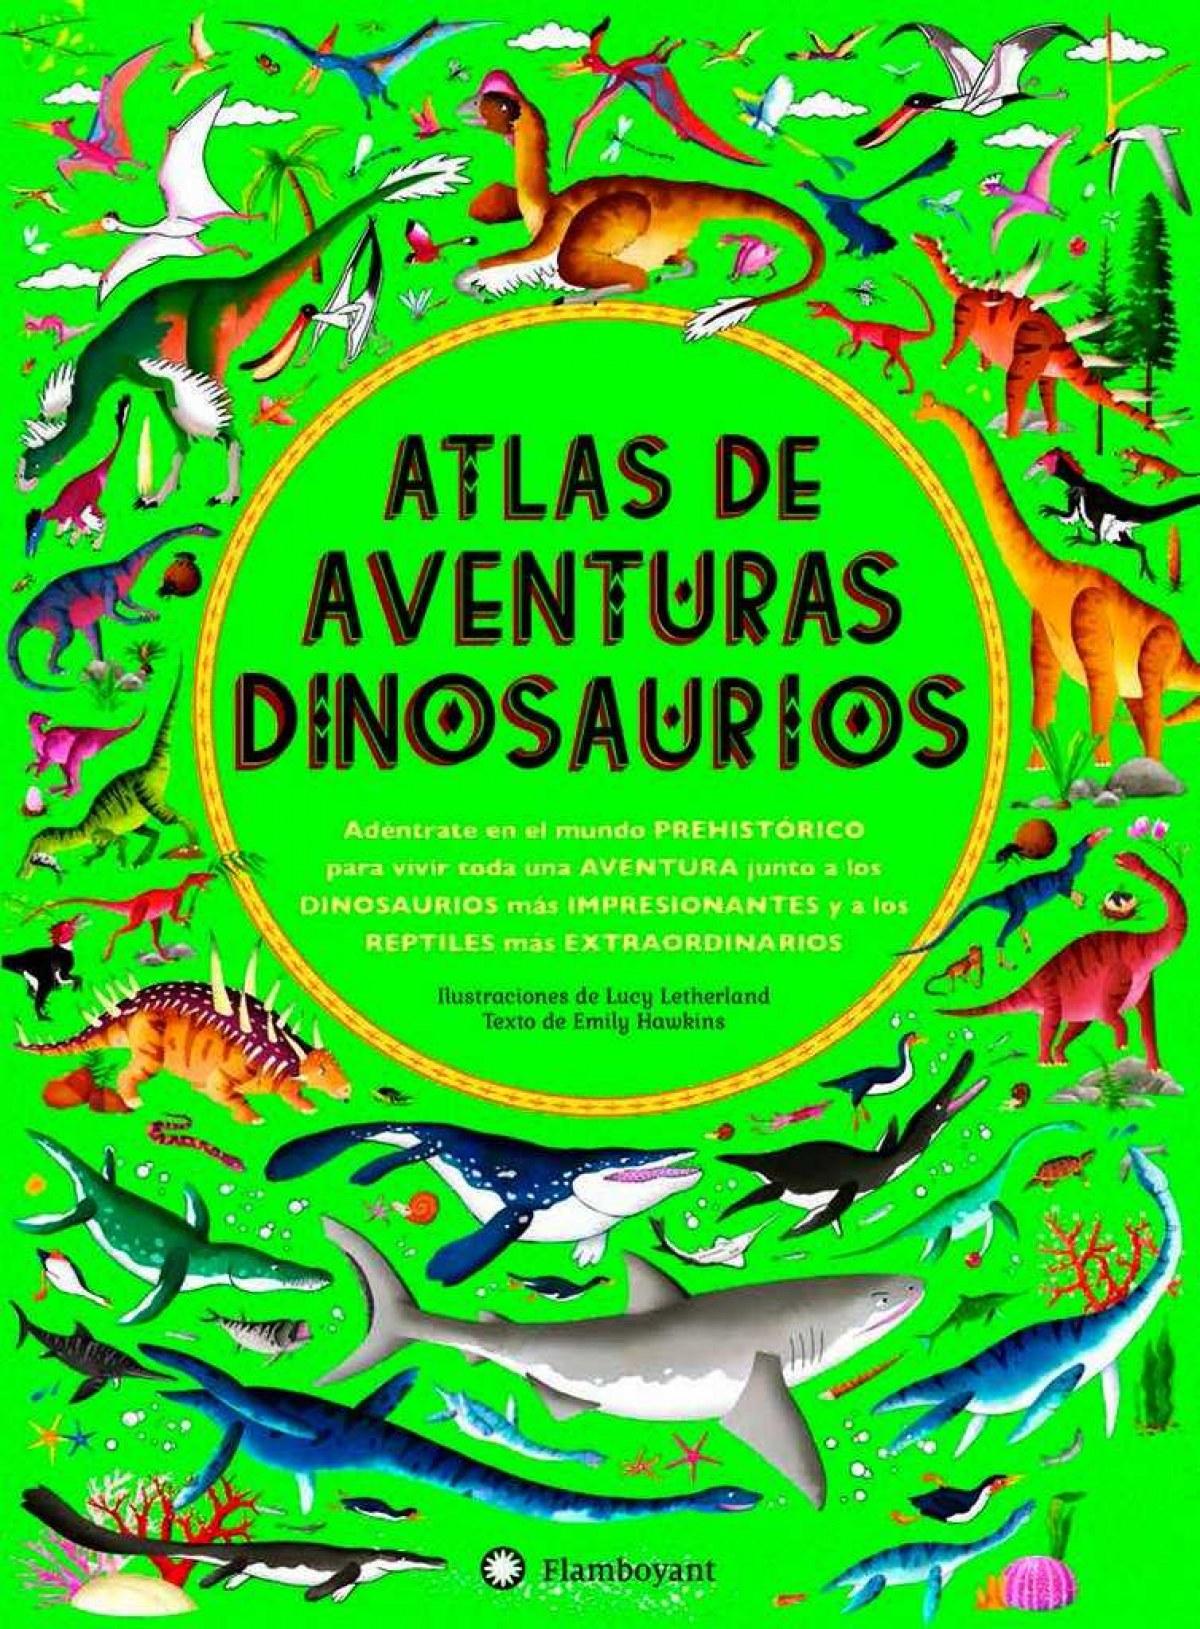 ATLAS DE AVENTURAS DINOSAURIOS 9788494681530